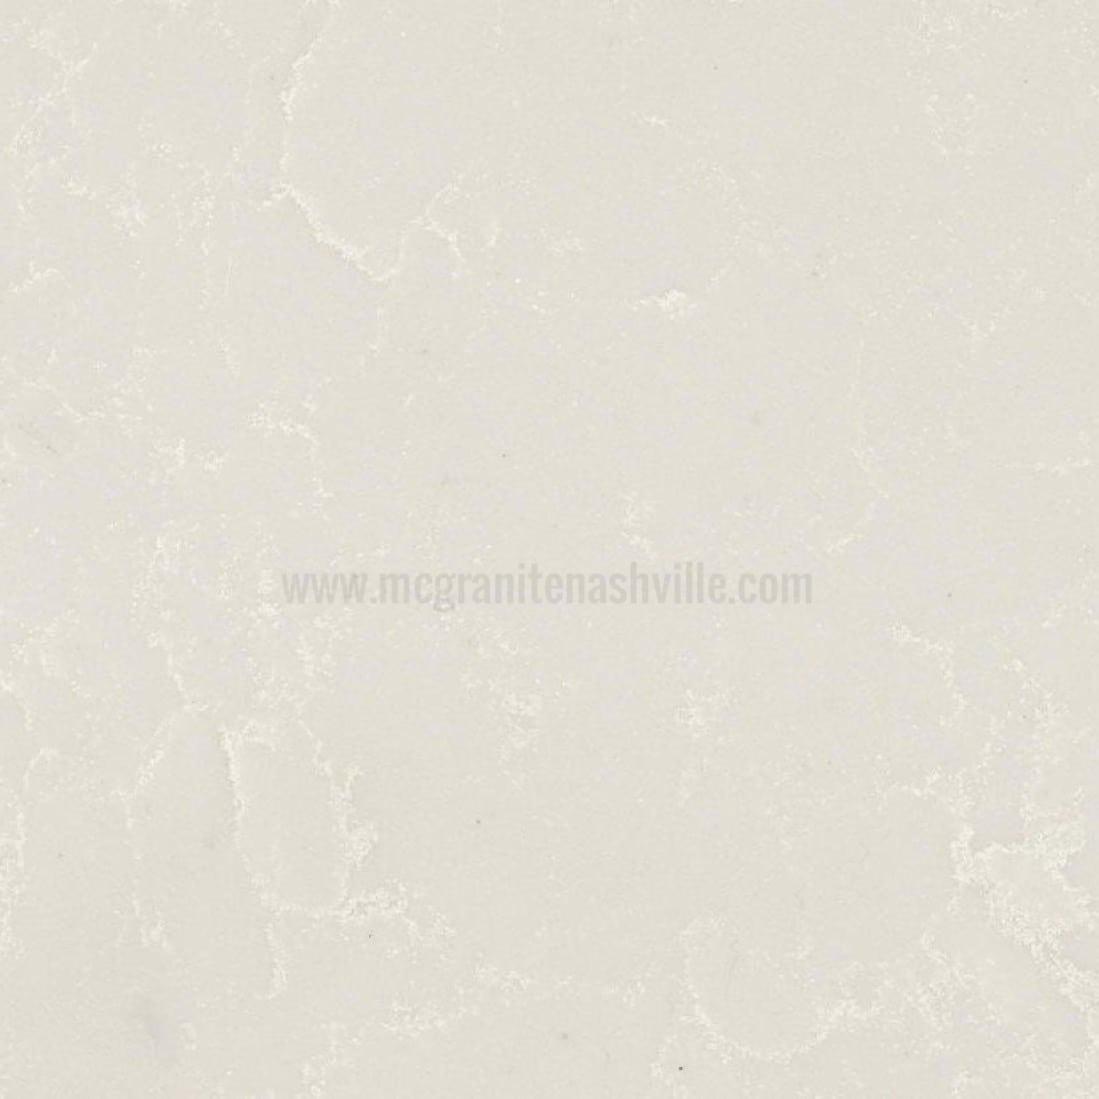 Perla White Quartz